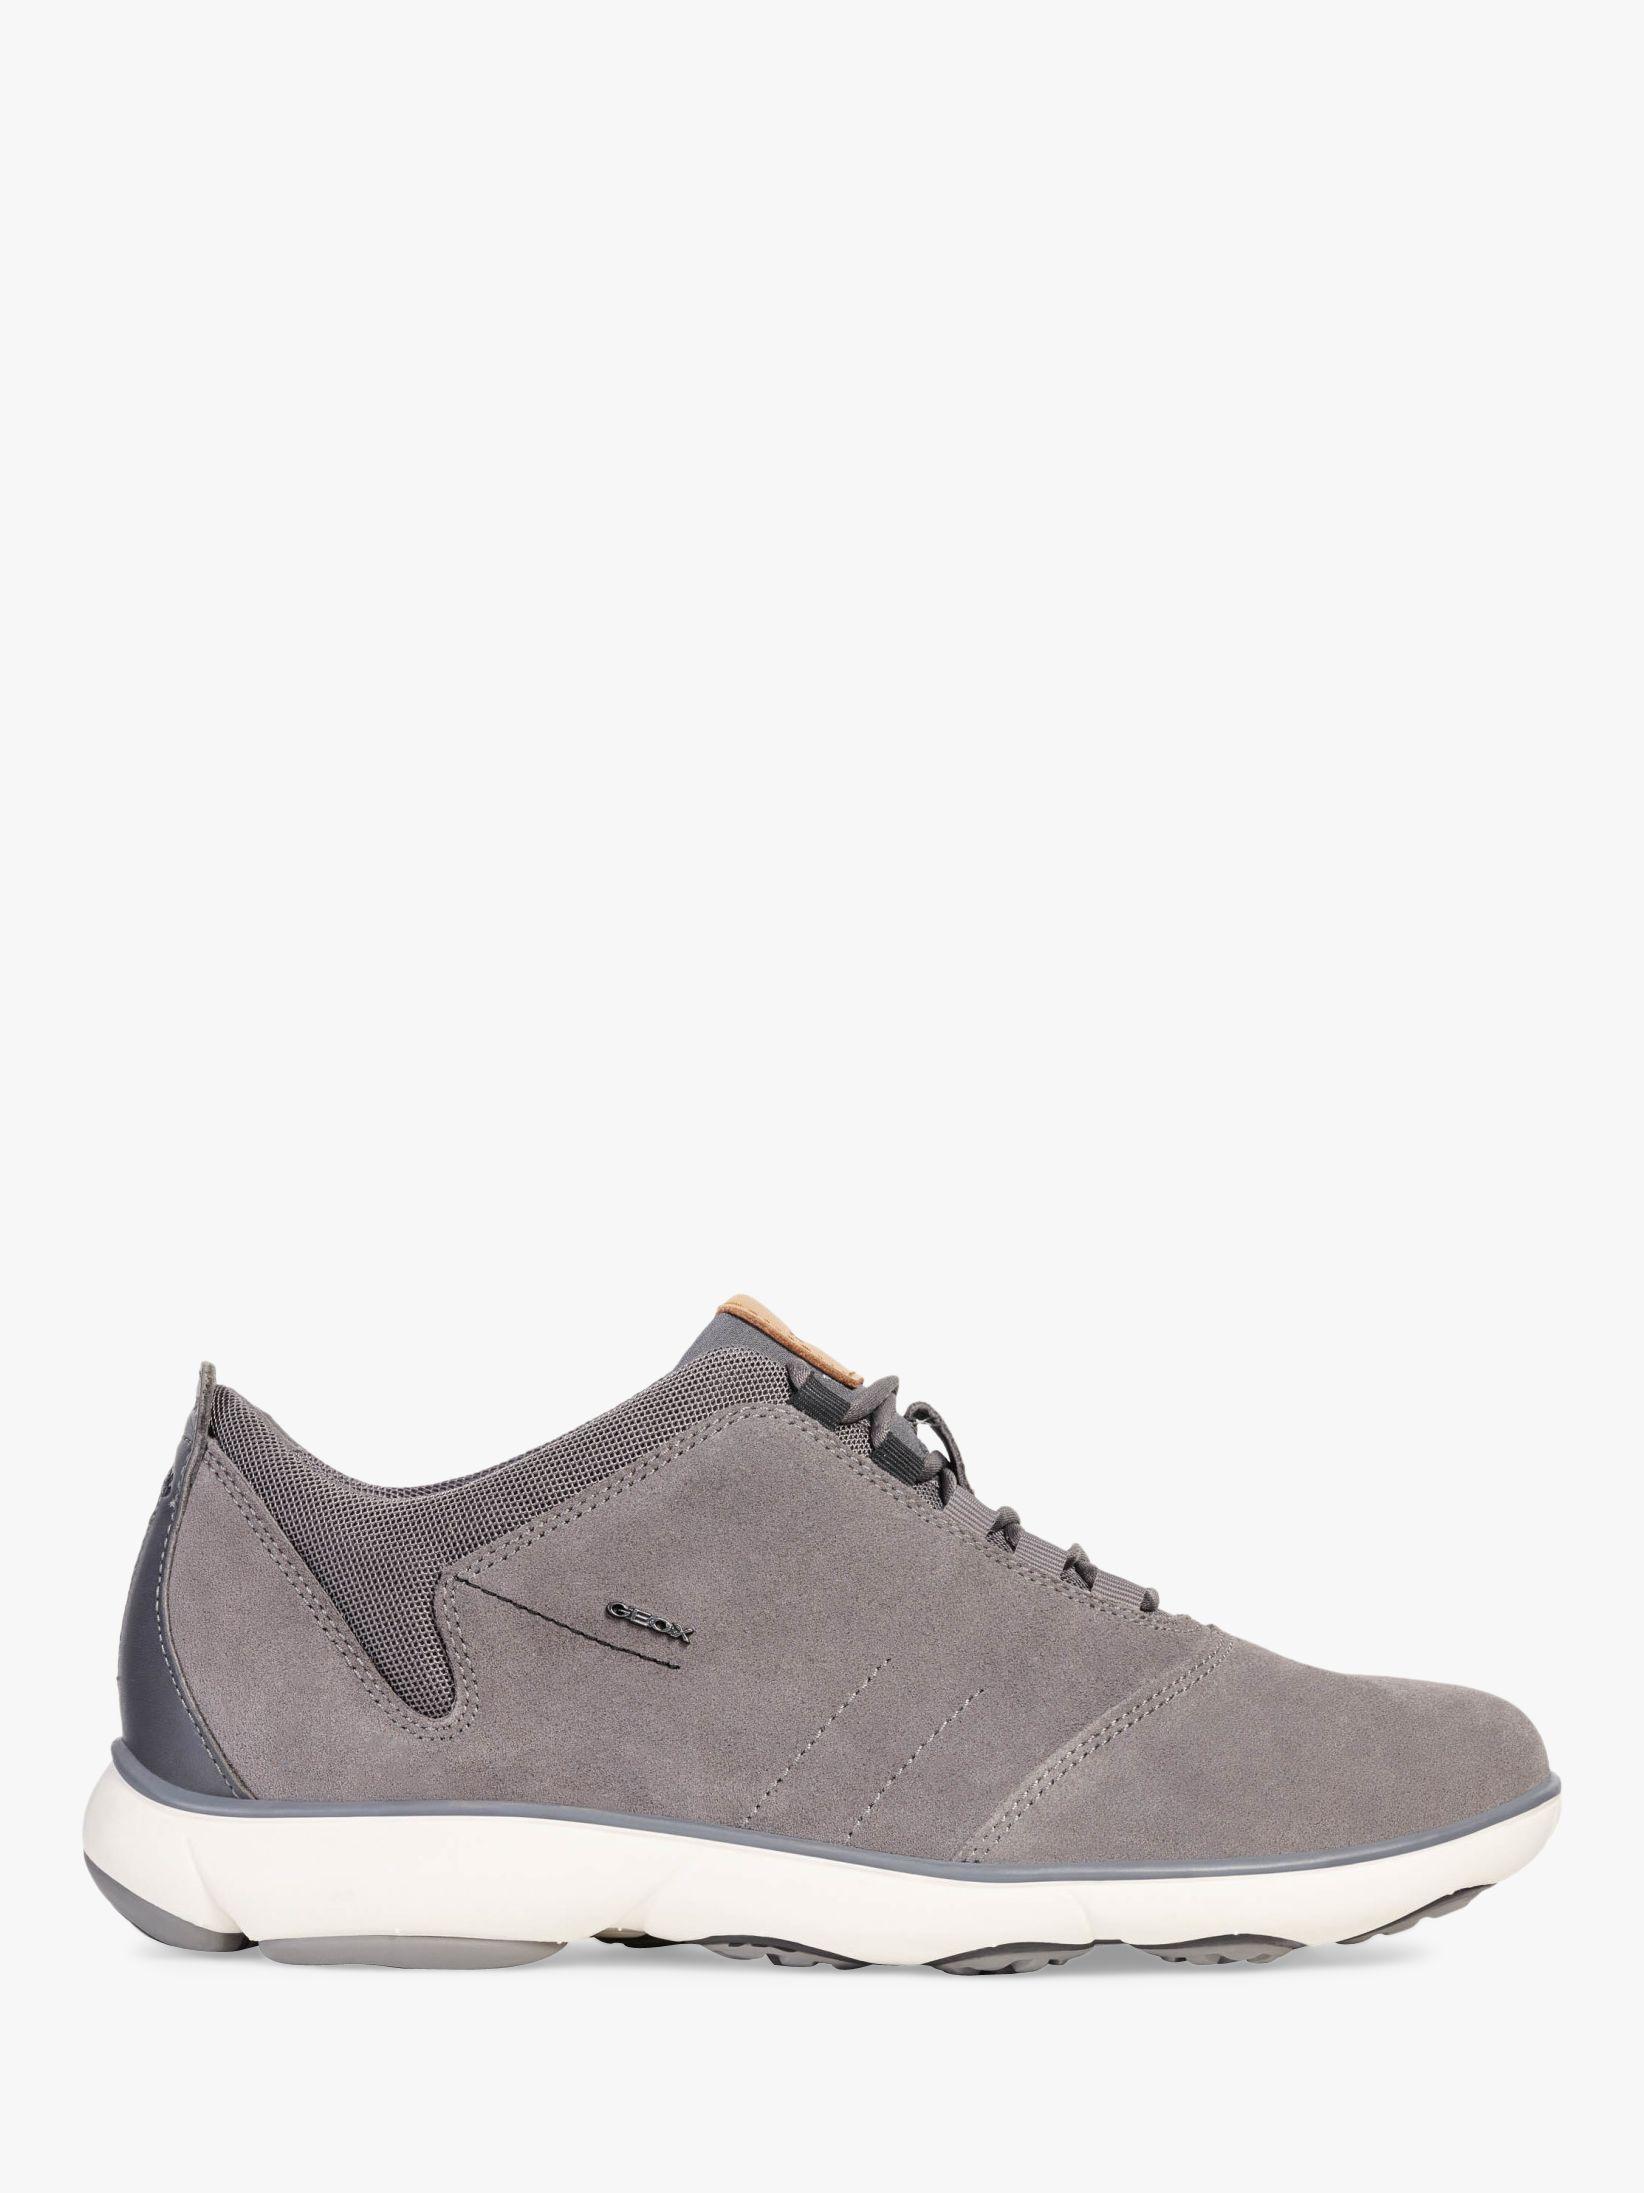 prezzo più basso 68f8b 65a43 Geox Nebula Trainers, Grey